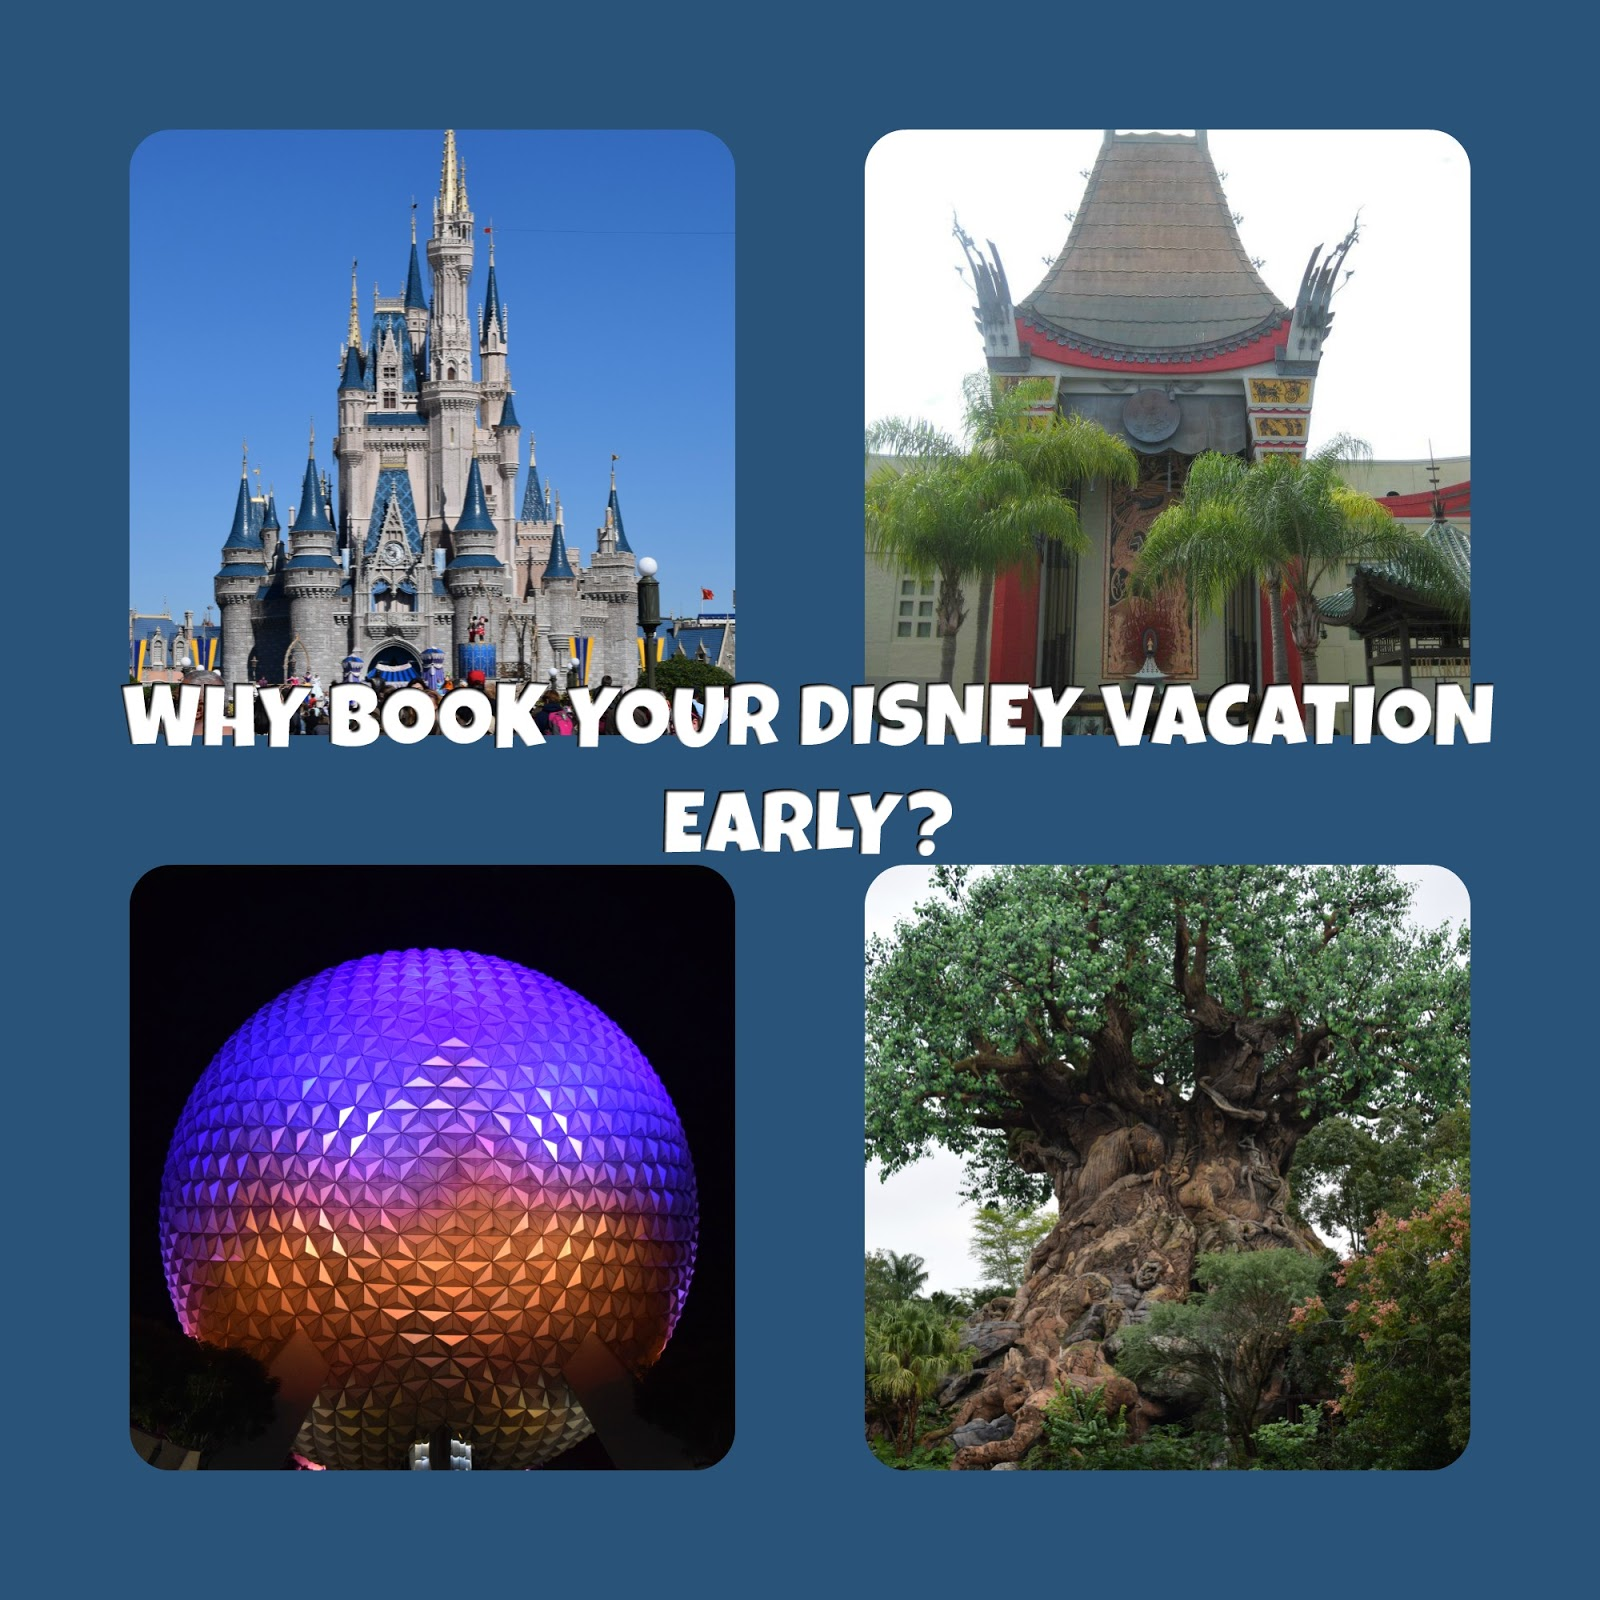 Bibbidi Bobbidi Mom Walt Disney World Vacation Packages Why - Disney vacation packages 2016